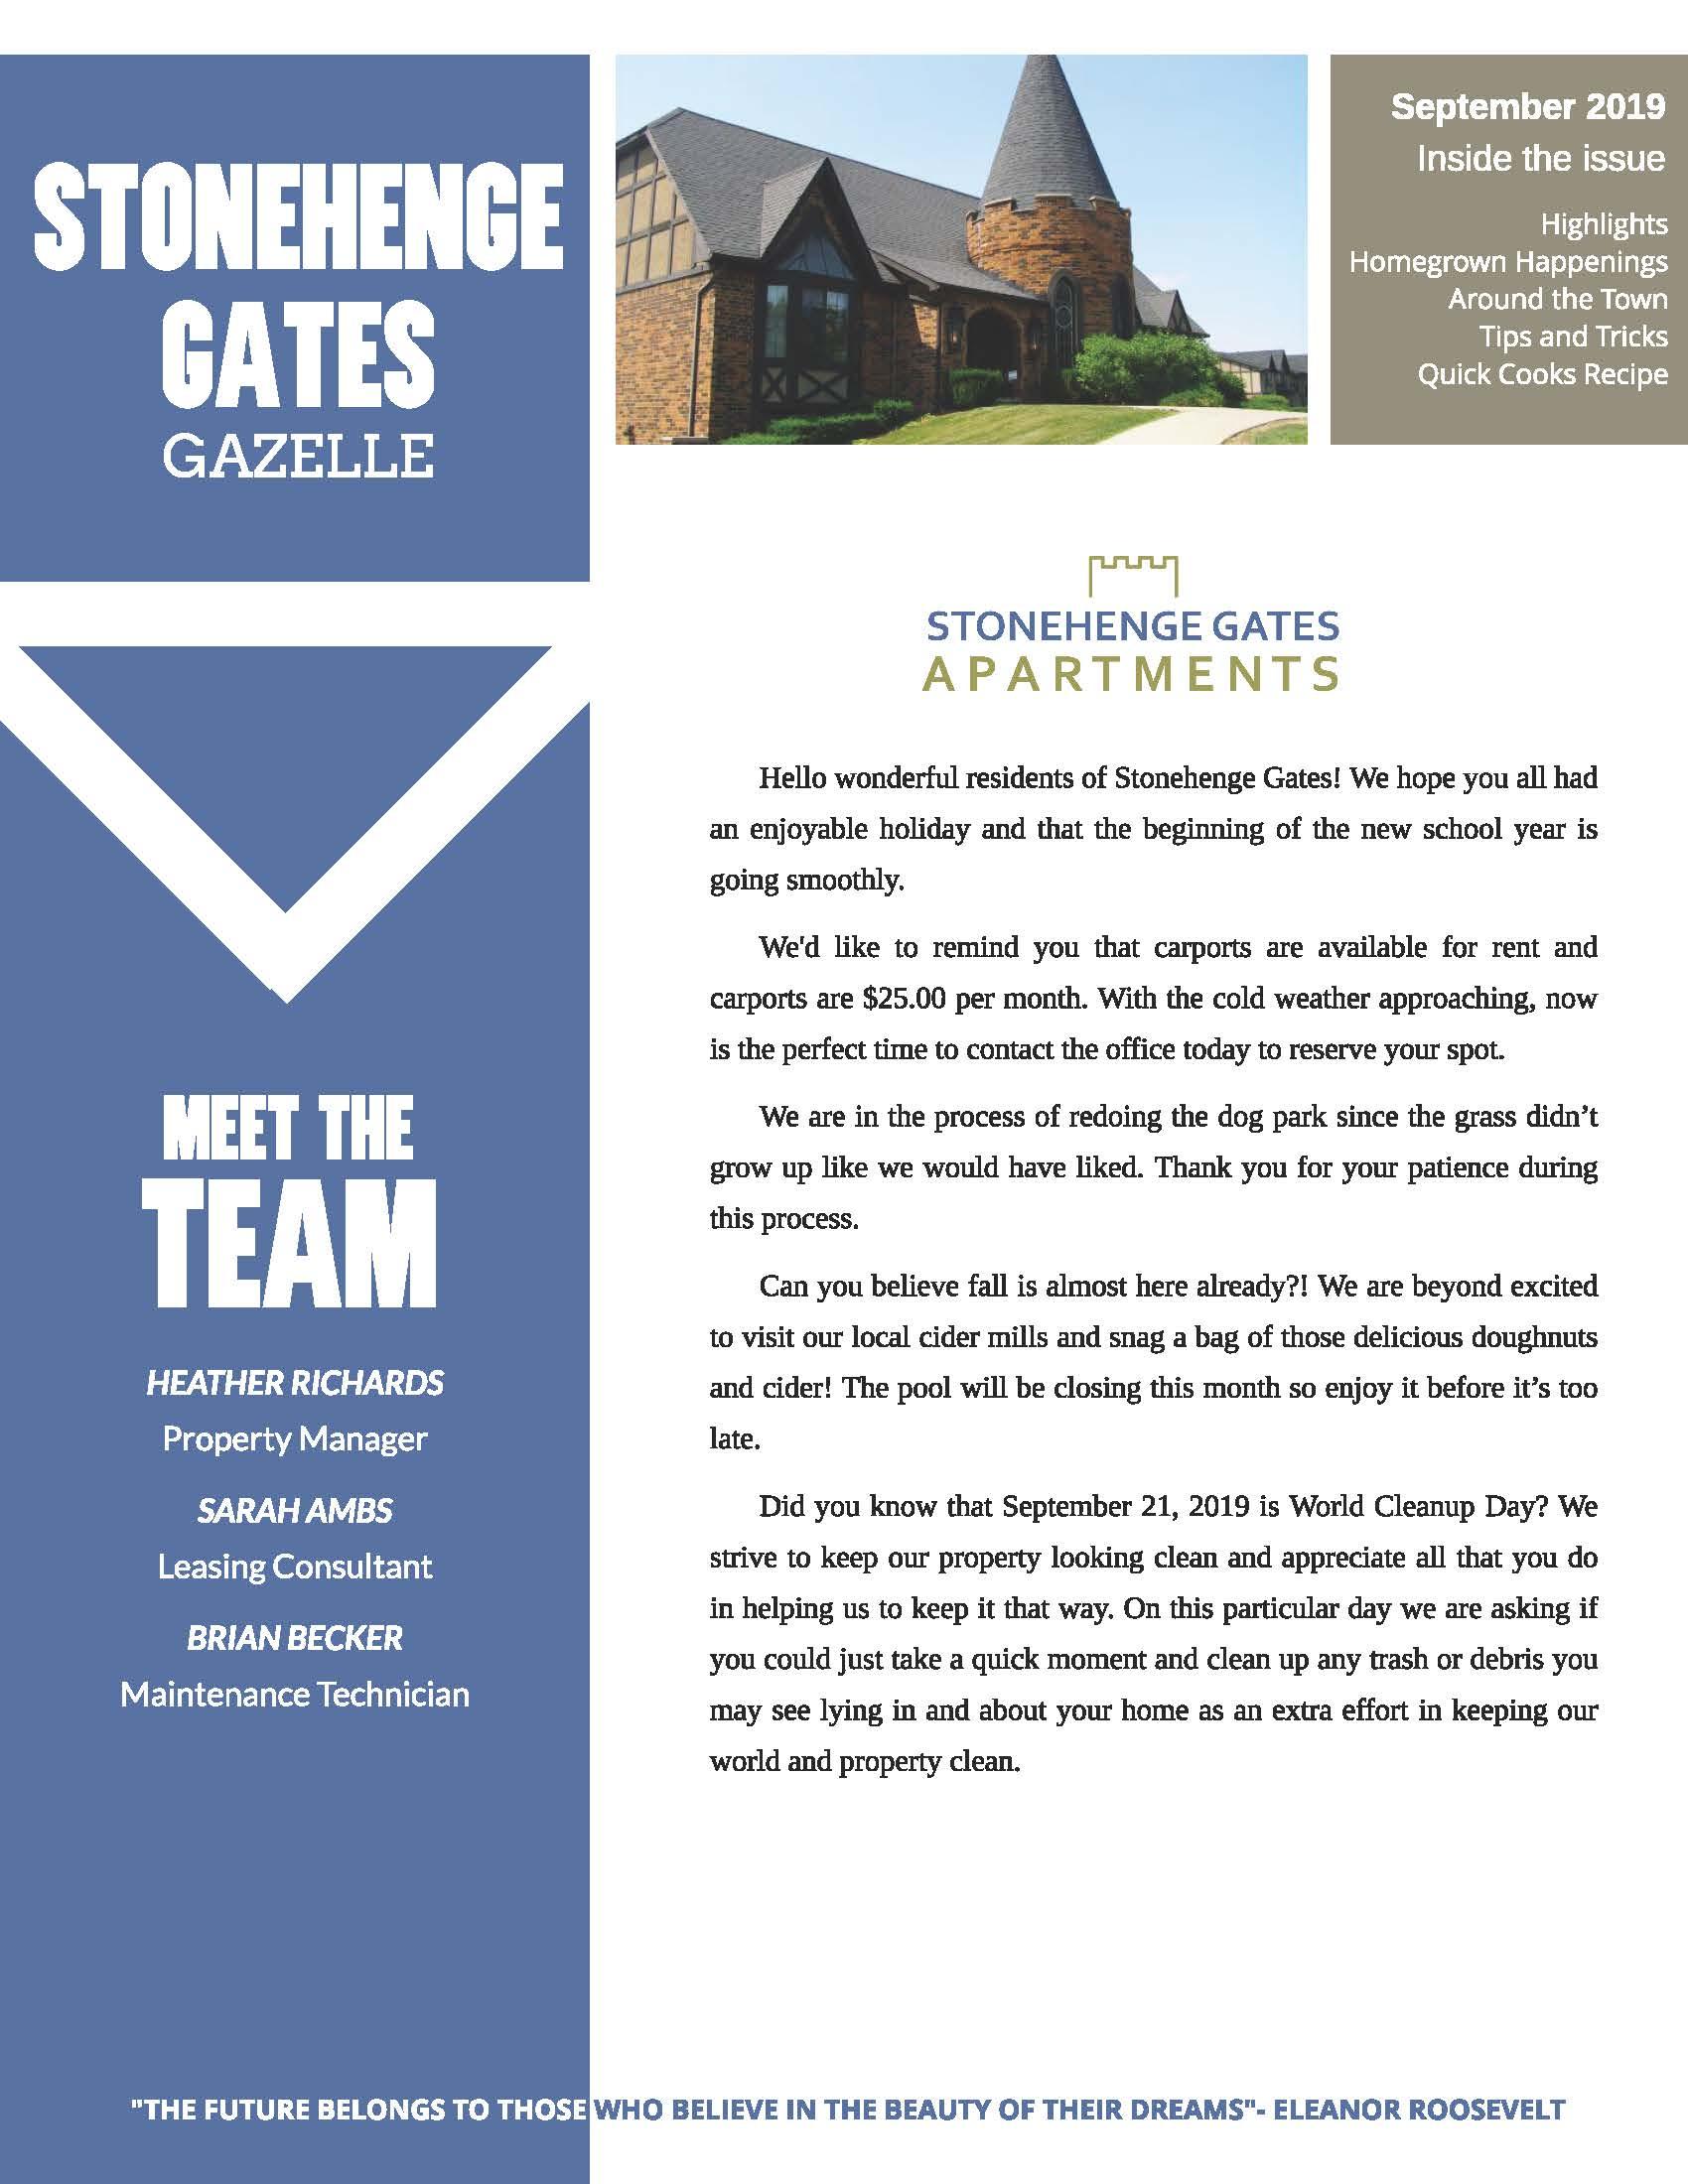 The Stonehenge Gates Community